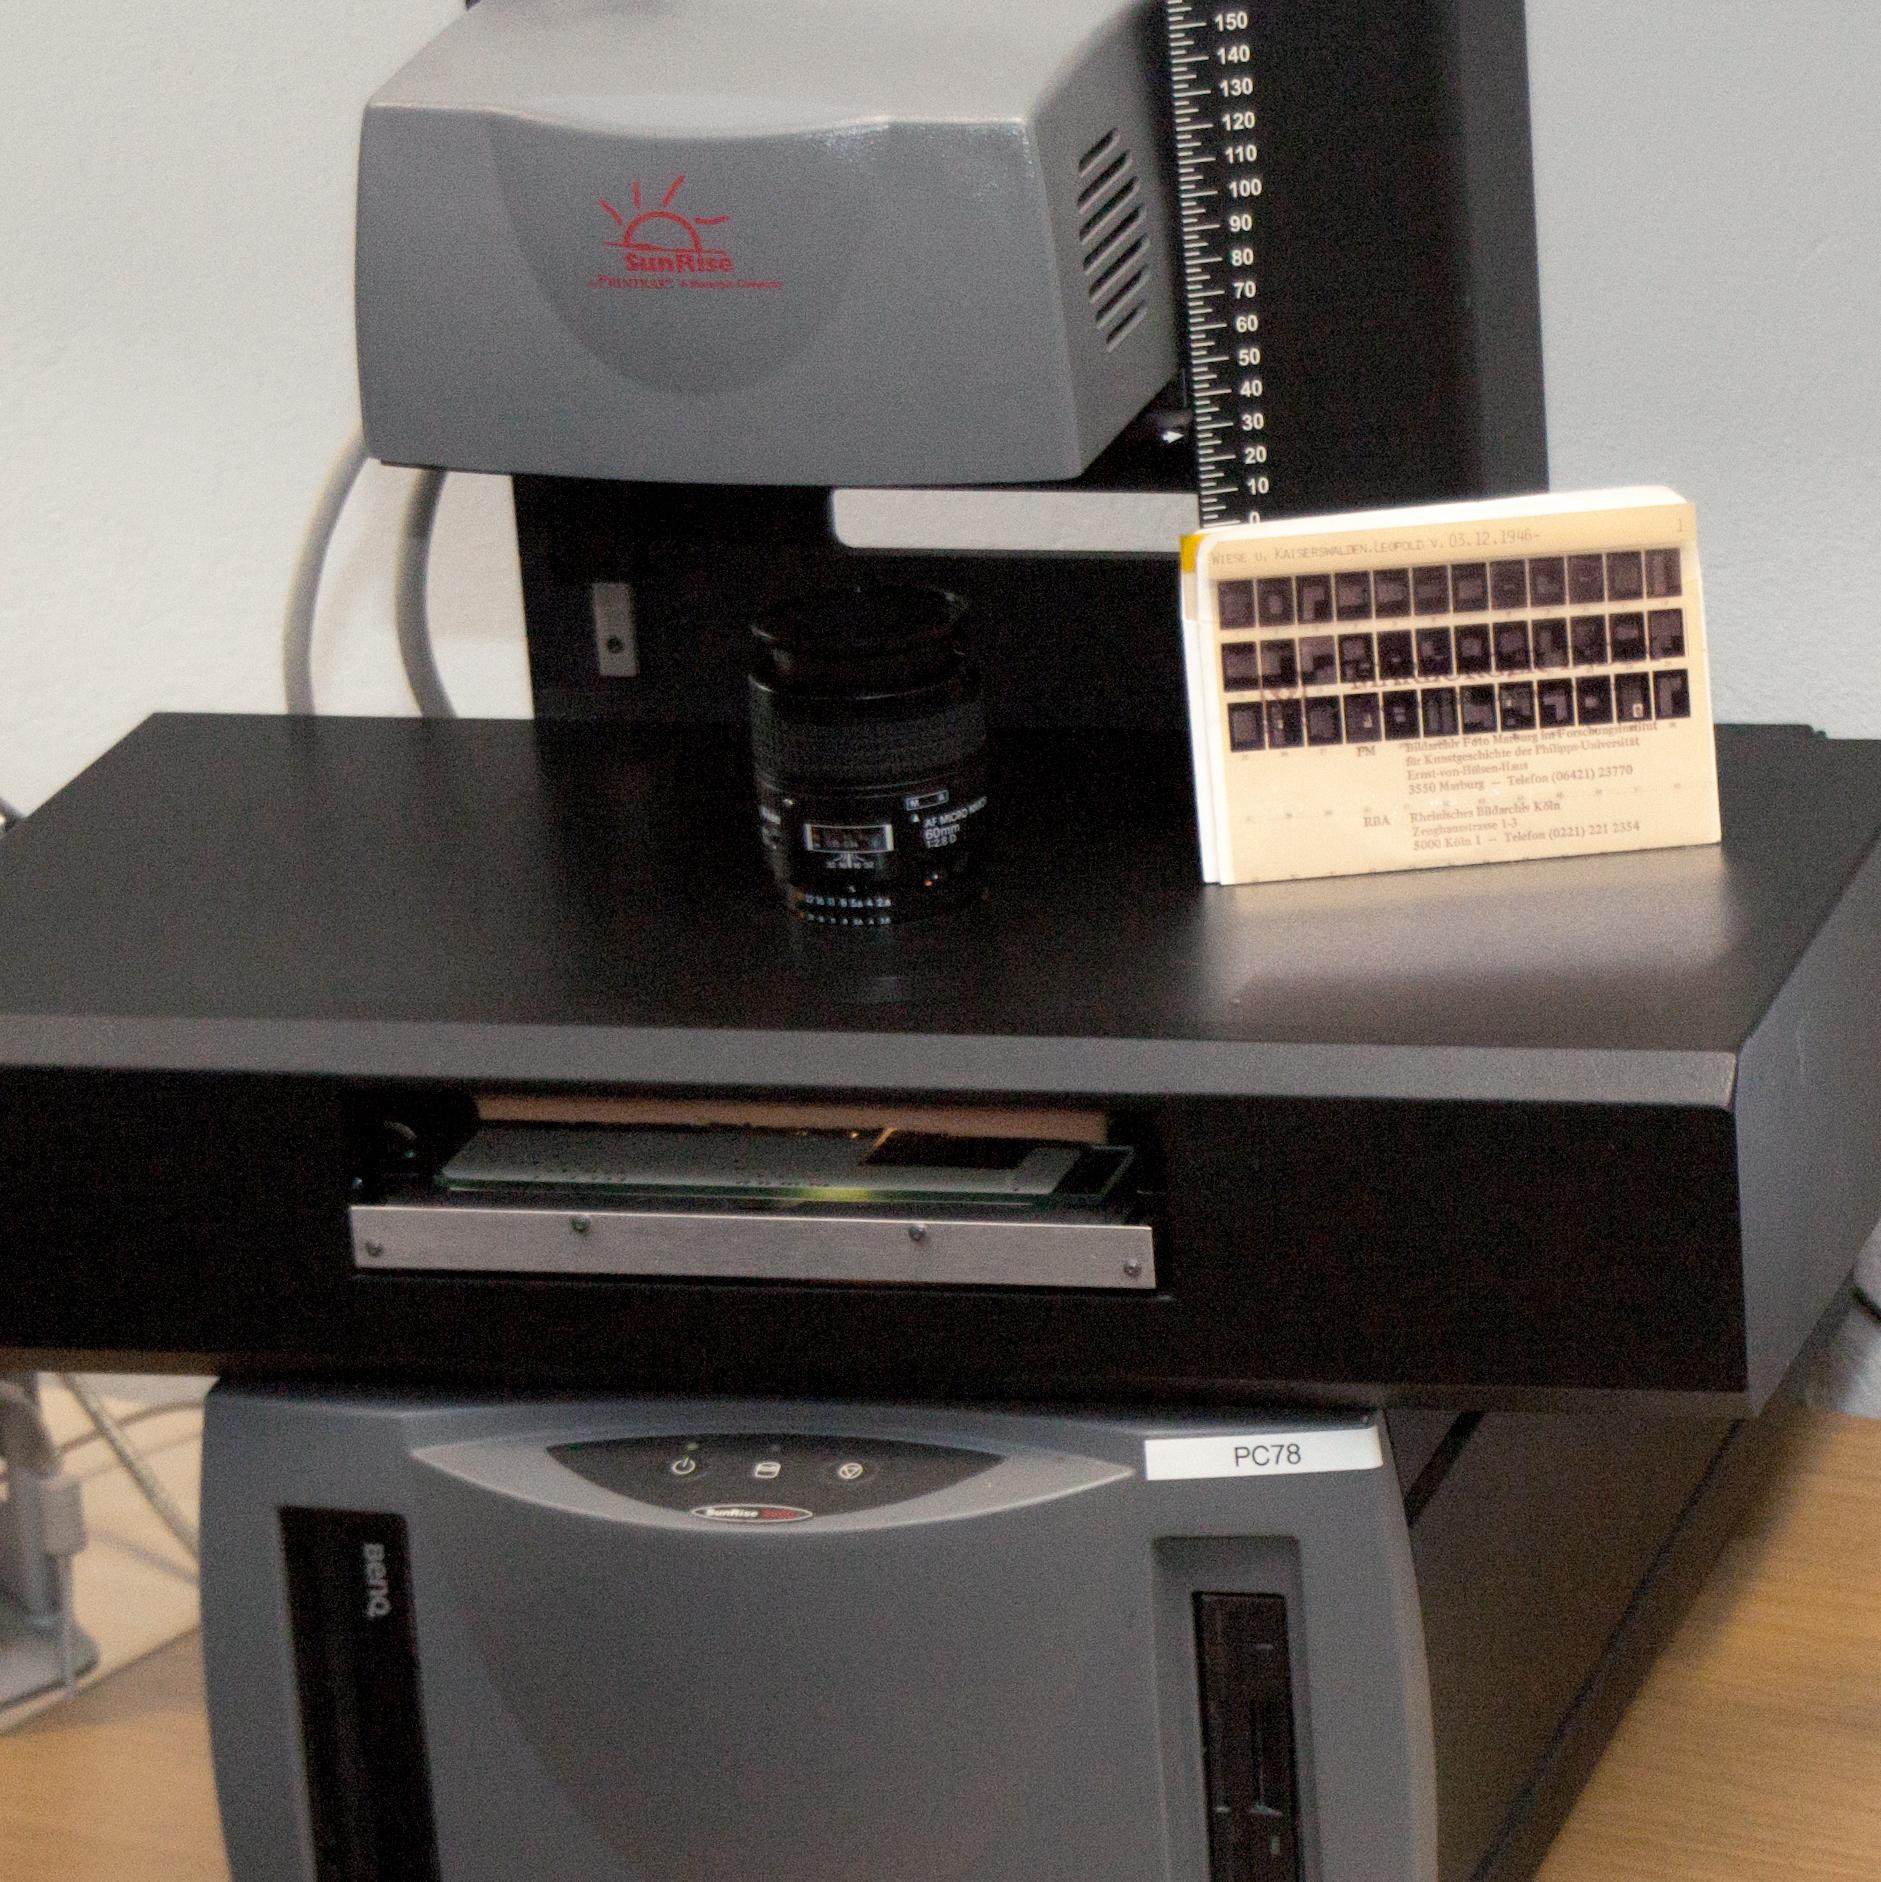 Ansicht eines Scanners zum Digitalisieren von Mikrofilmen